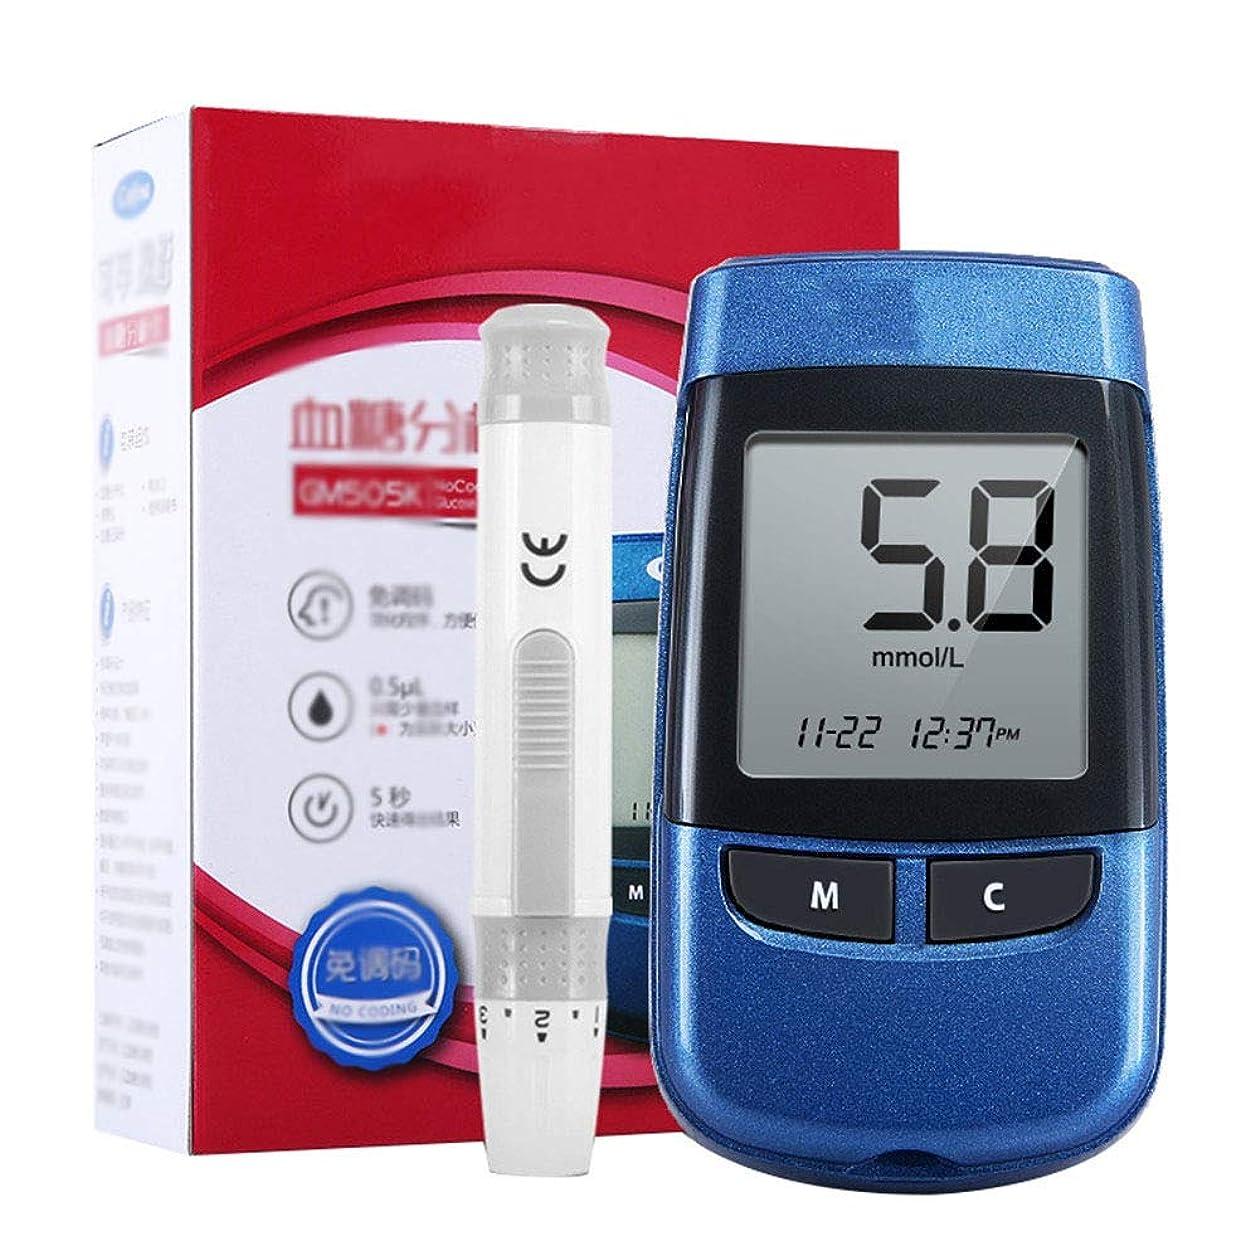 チャーミング王族引き受ける血糖テスト糖尿病テストキット50テストペーパー50採血針50アルコール綿ベルトキャリングバッグ長期有効期間